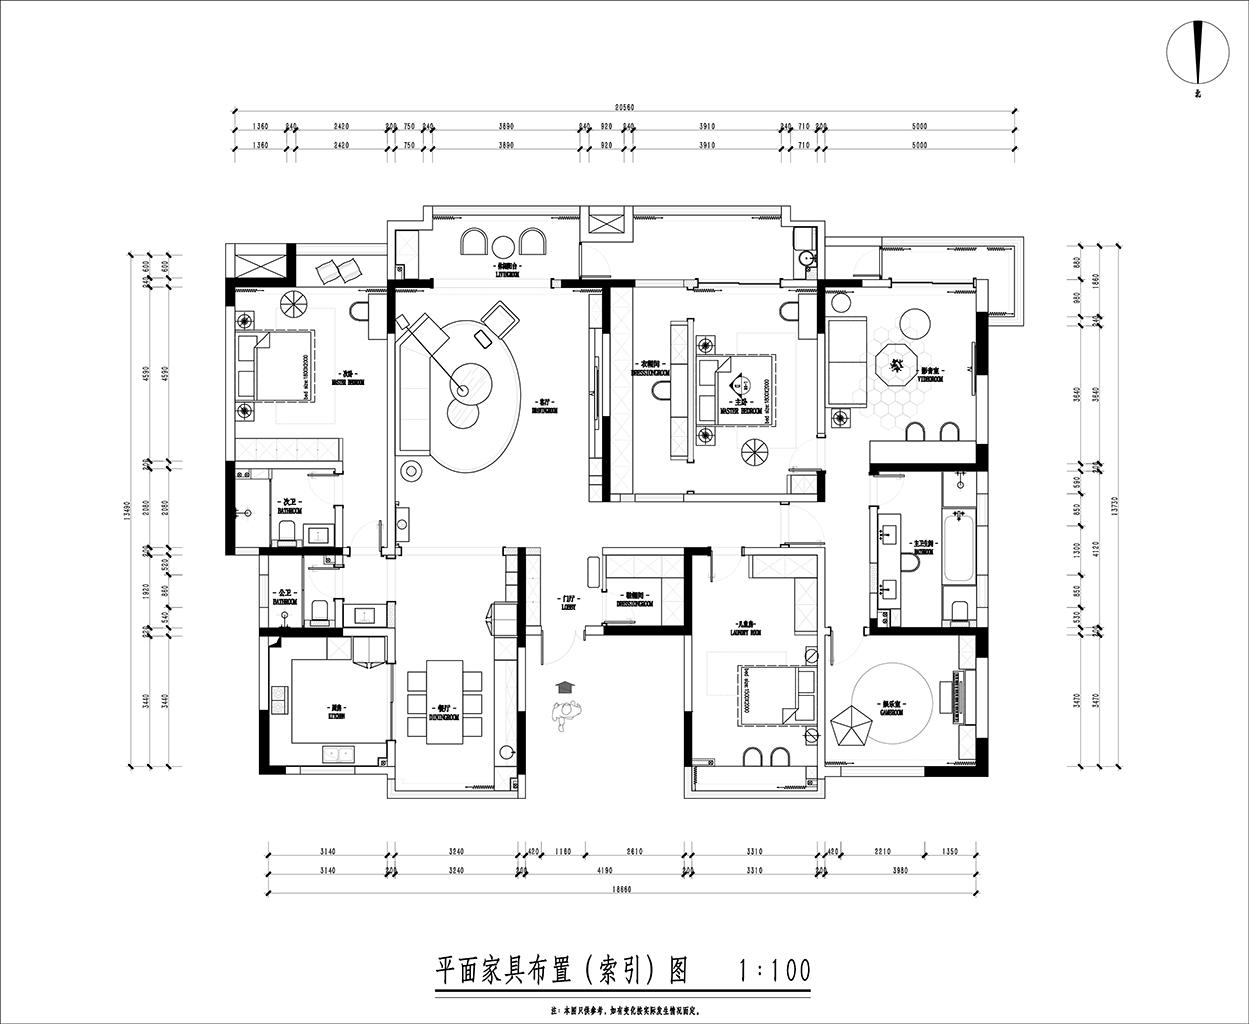 领馆一号 现代简约风格装修效果图 四室两厅 240平米装修设计理念